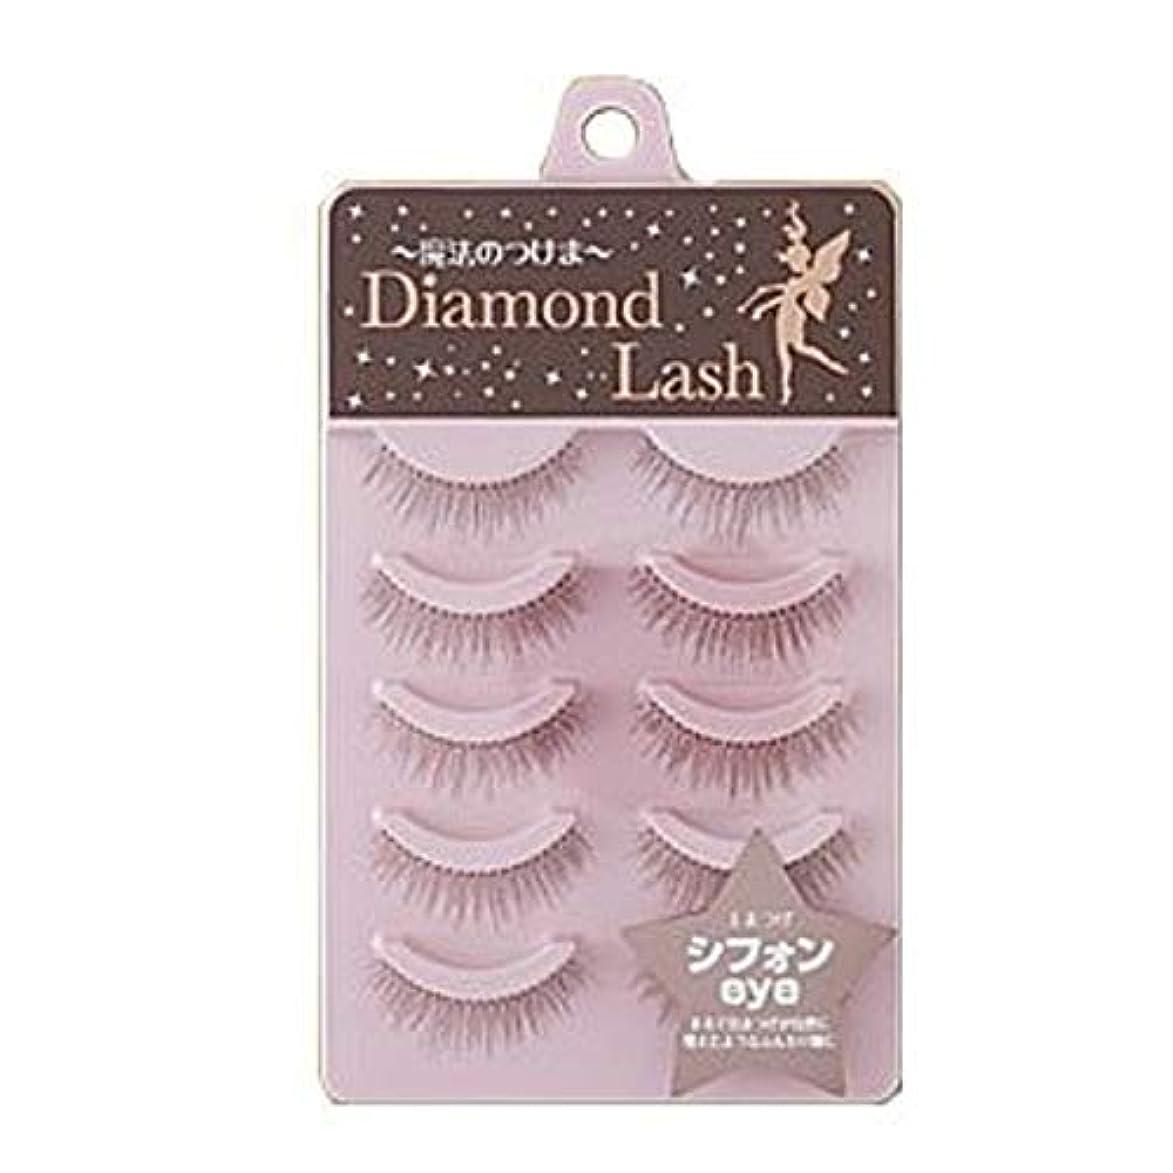 クラウン主権者些細なダイヤモンドラッシュ Diamond Lash つけまつげ リッチブラウンシリーズ シフォンeye